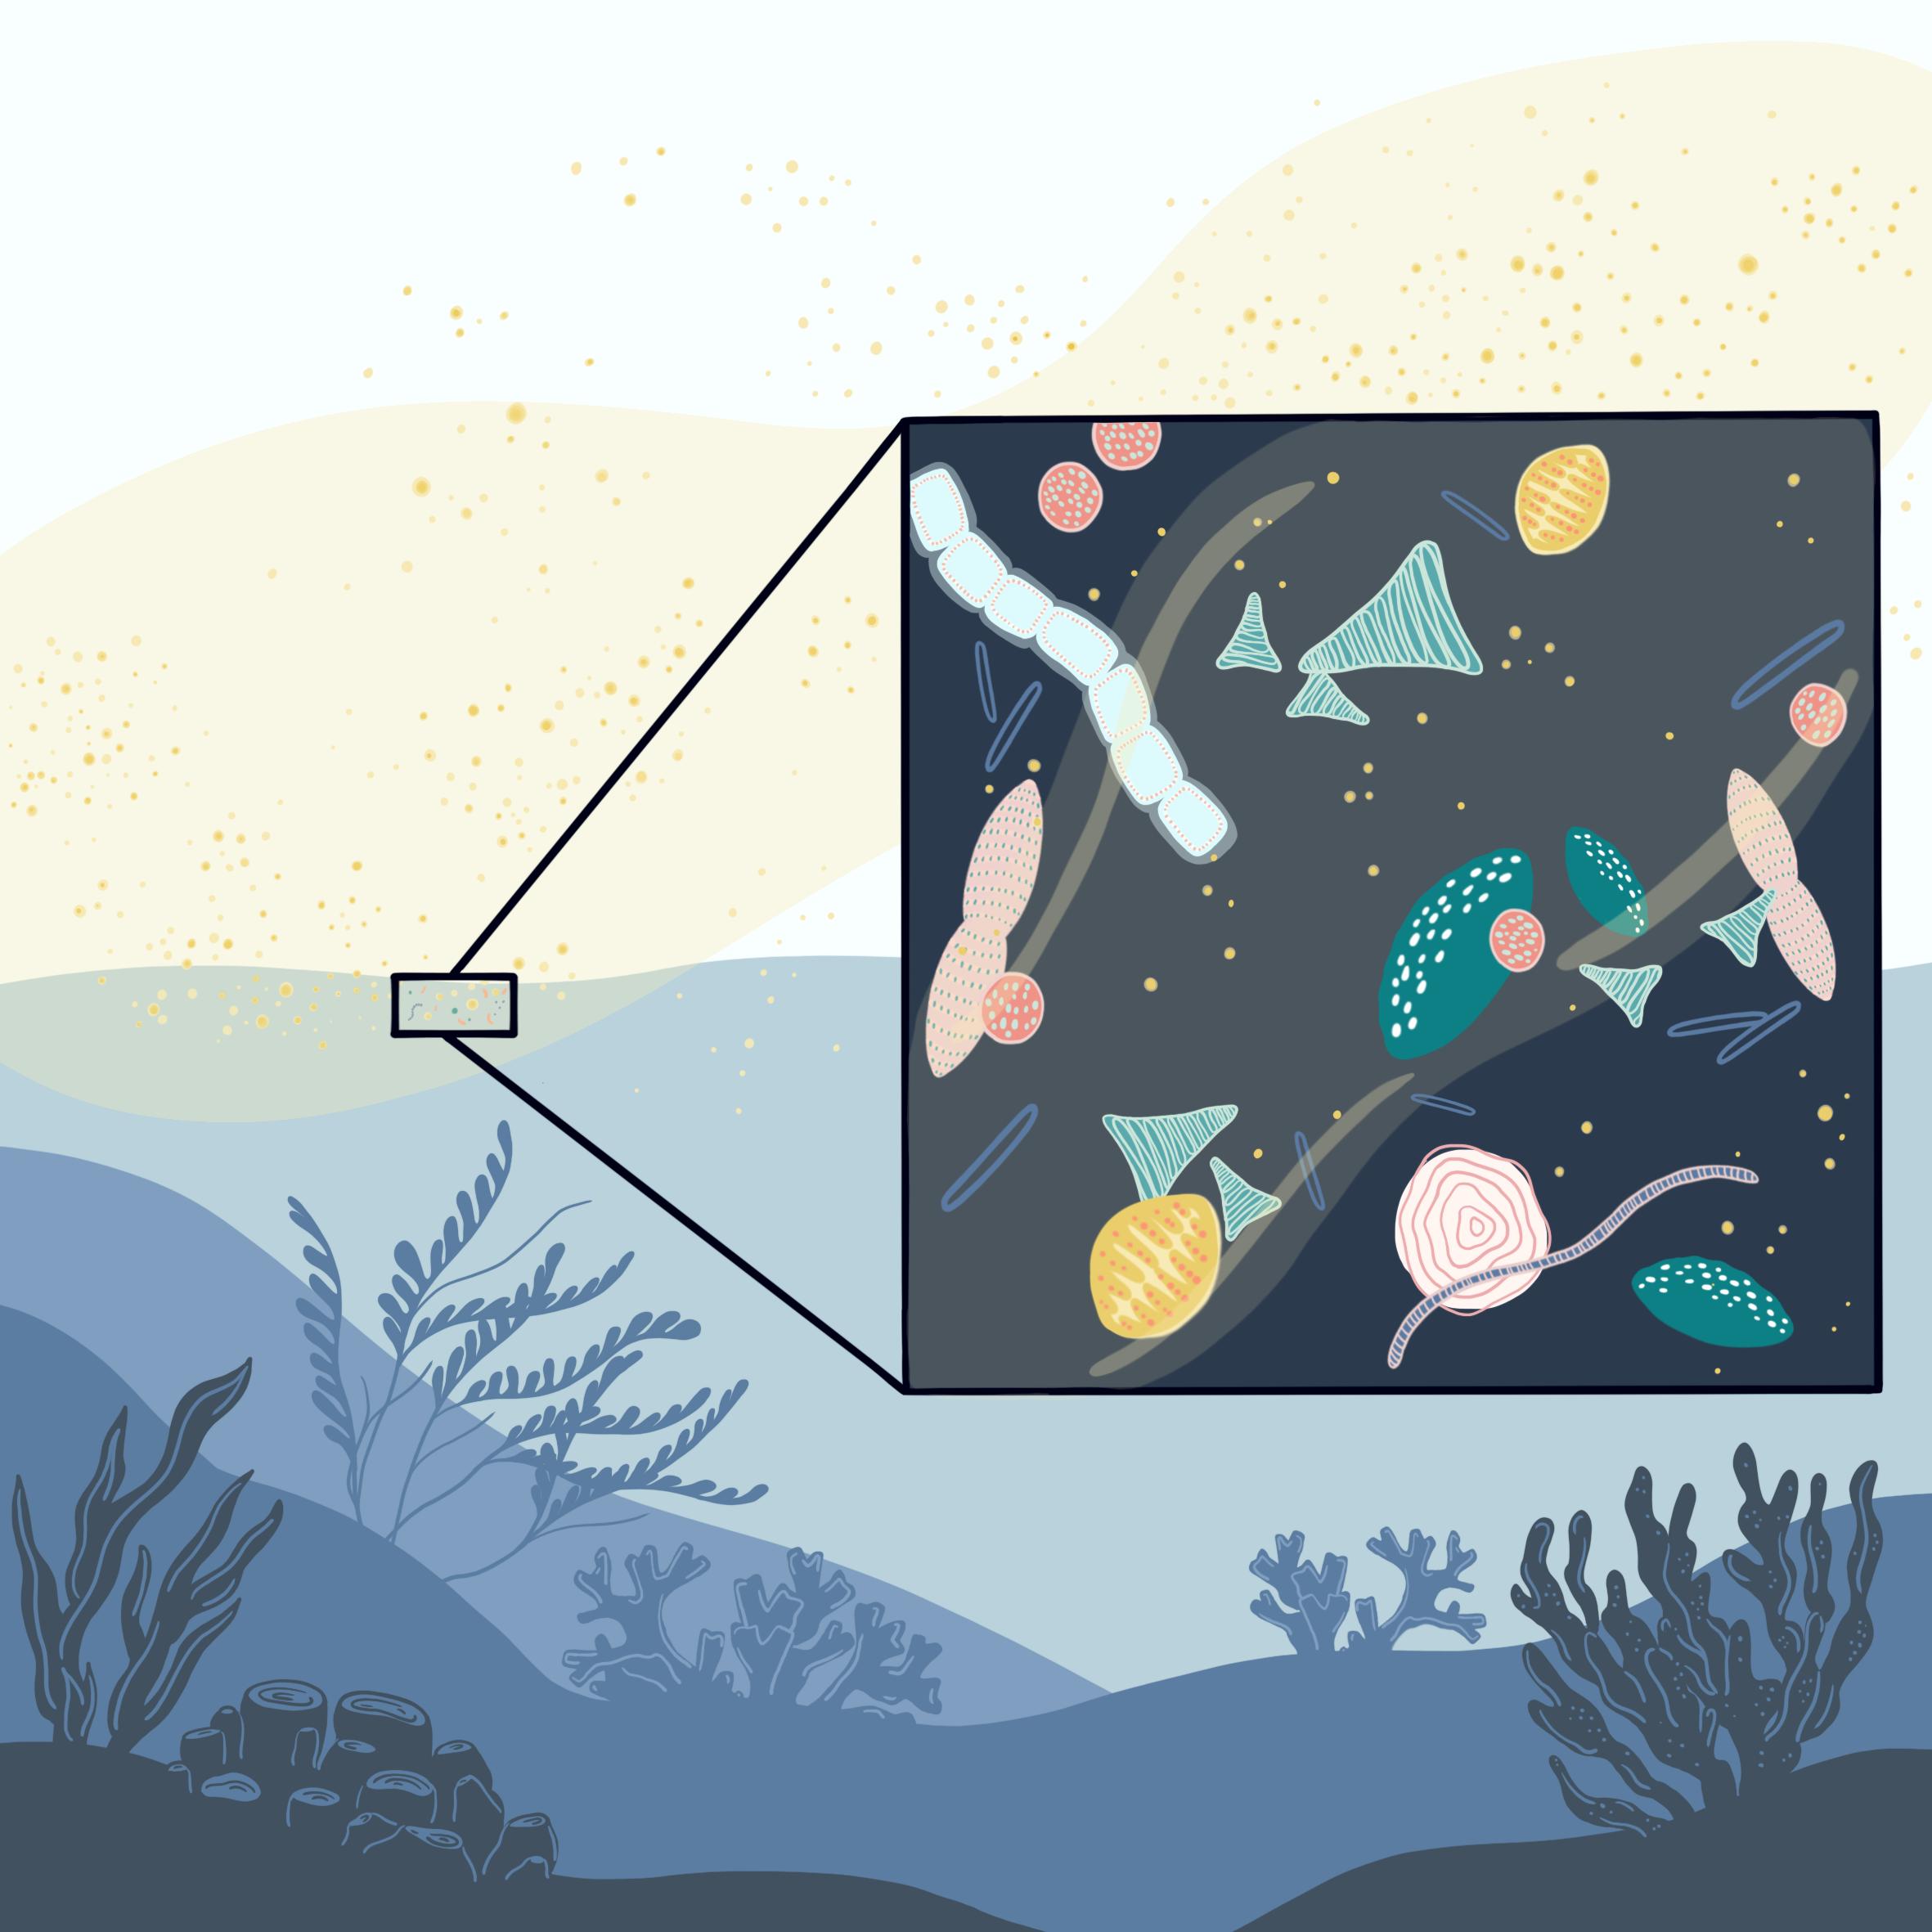 ilustracion diatomeas en el mar